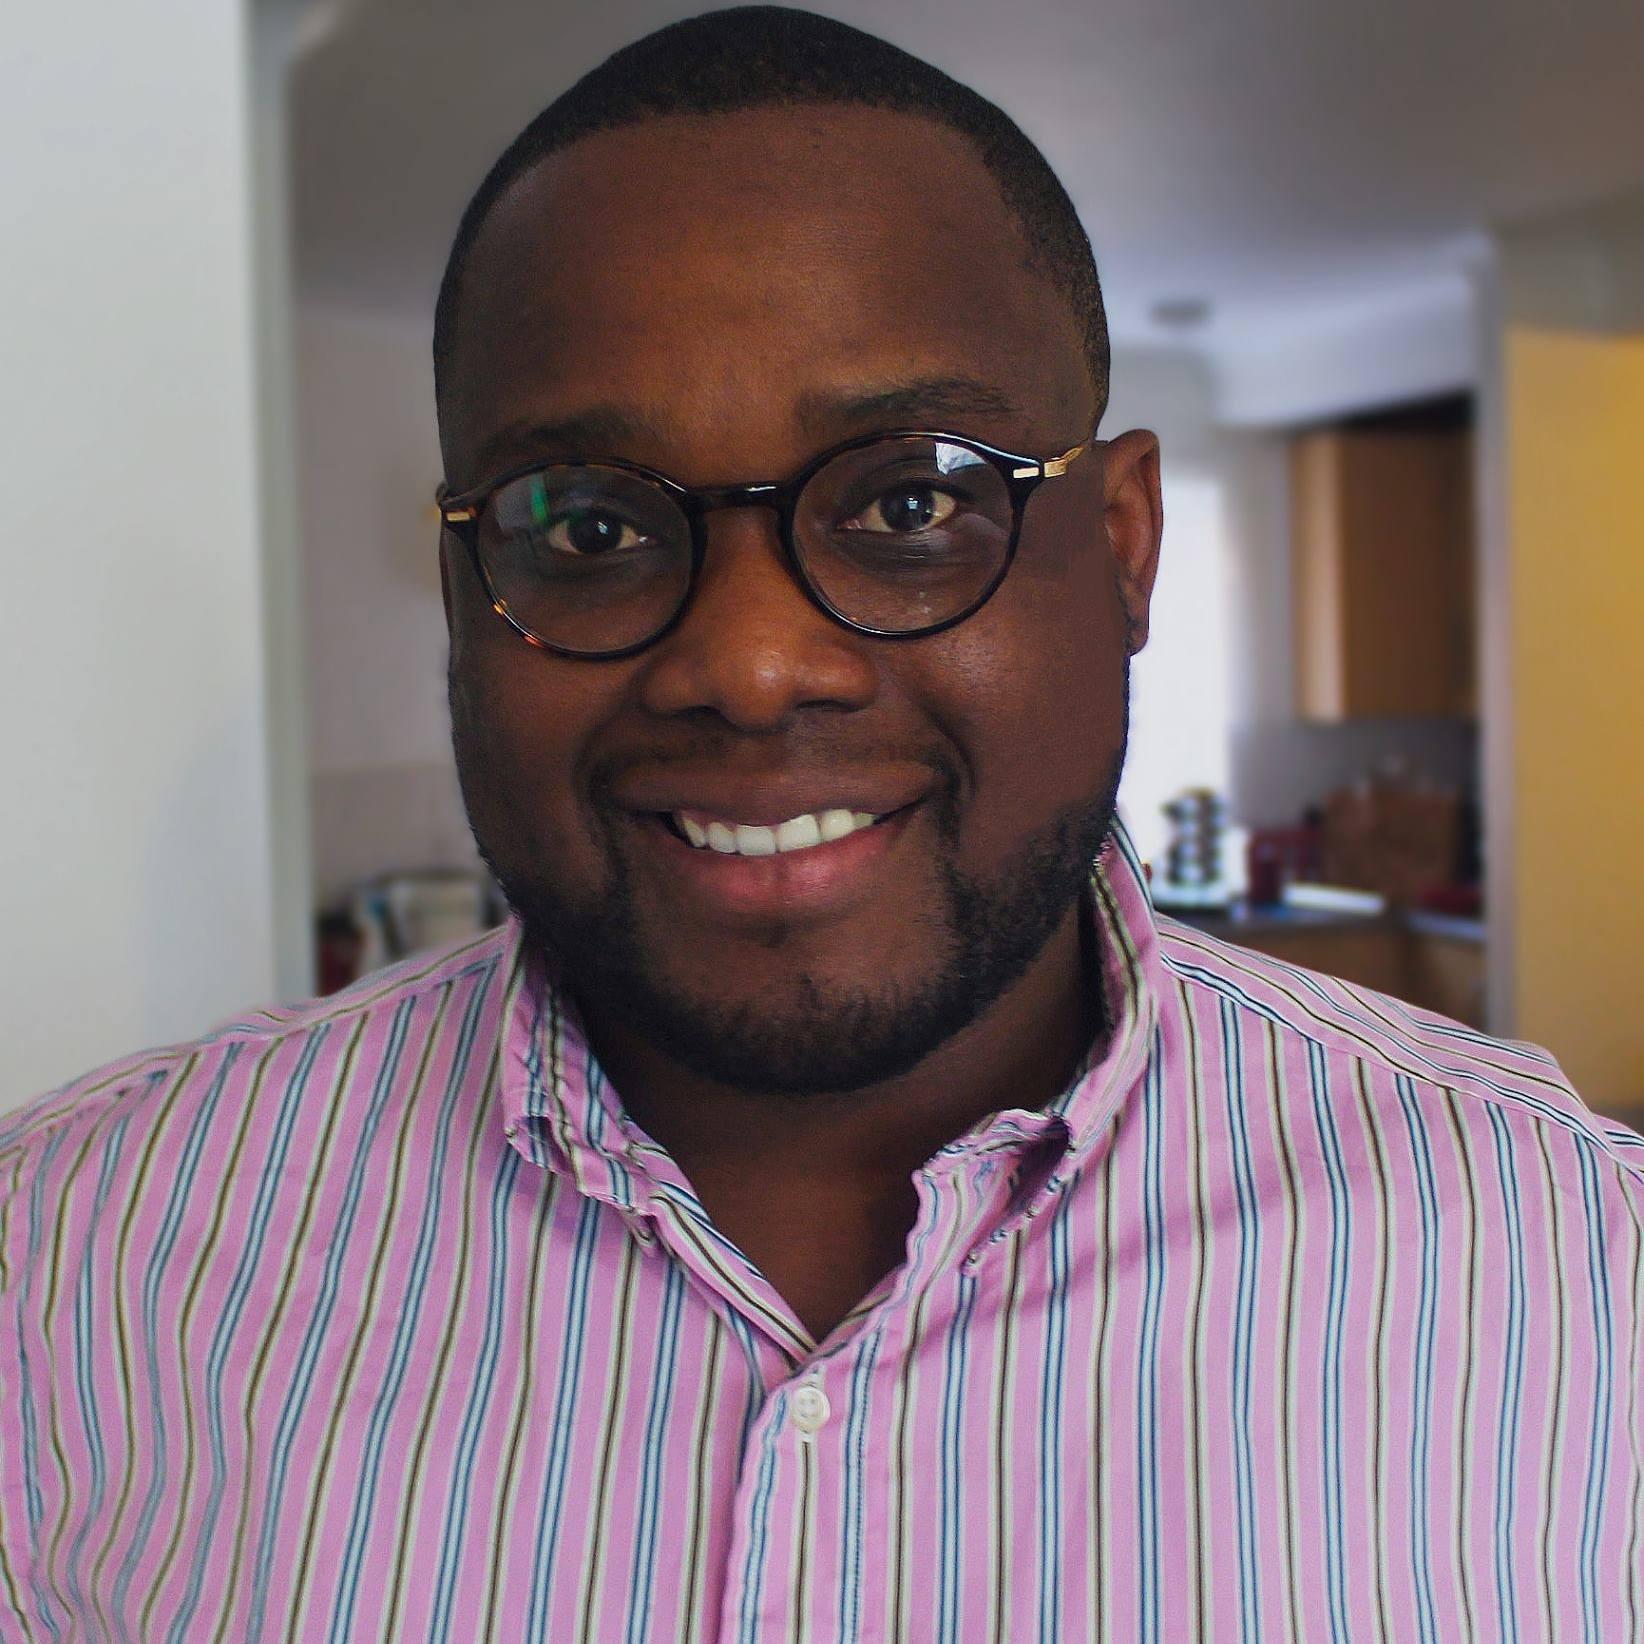 Caston Matewu